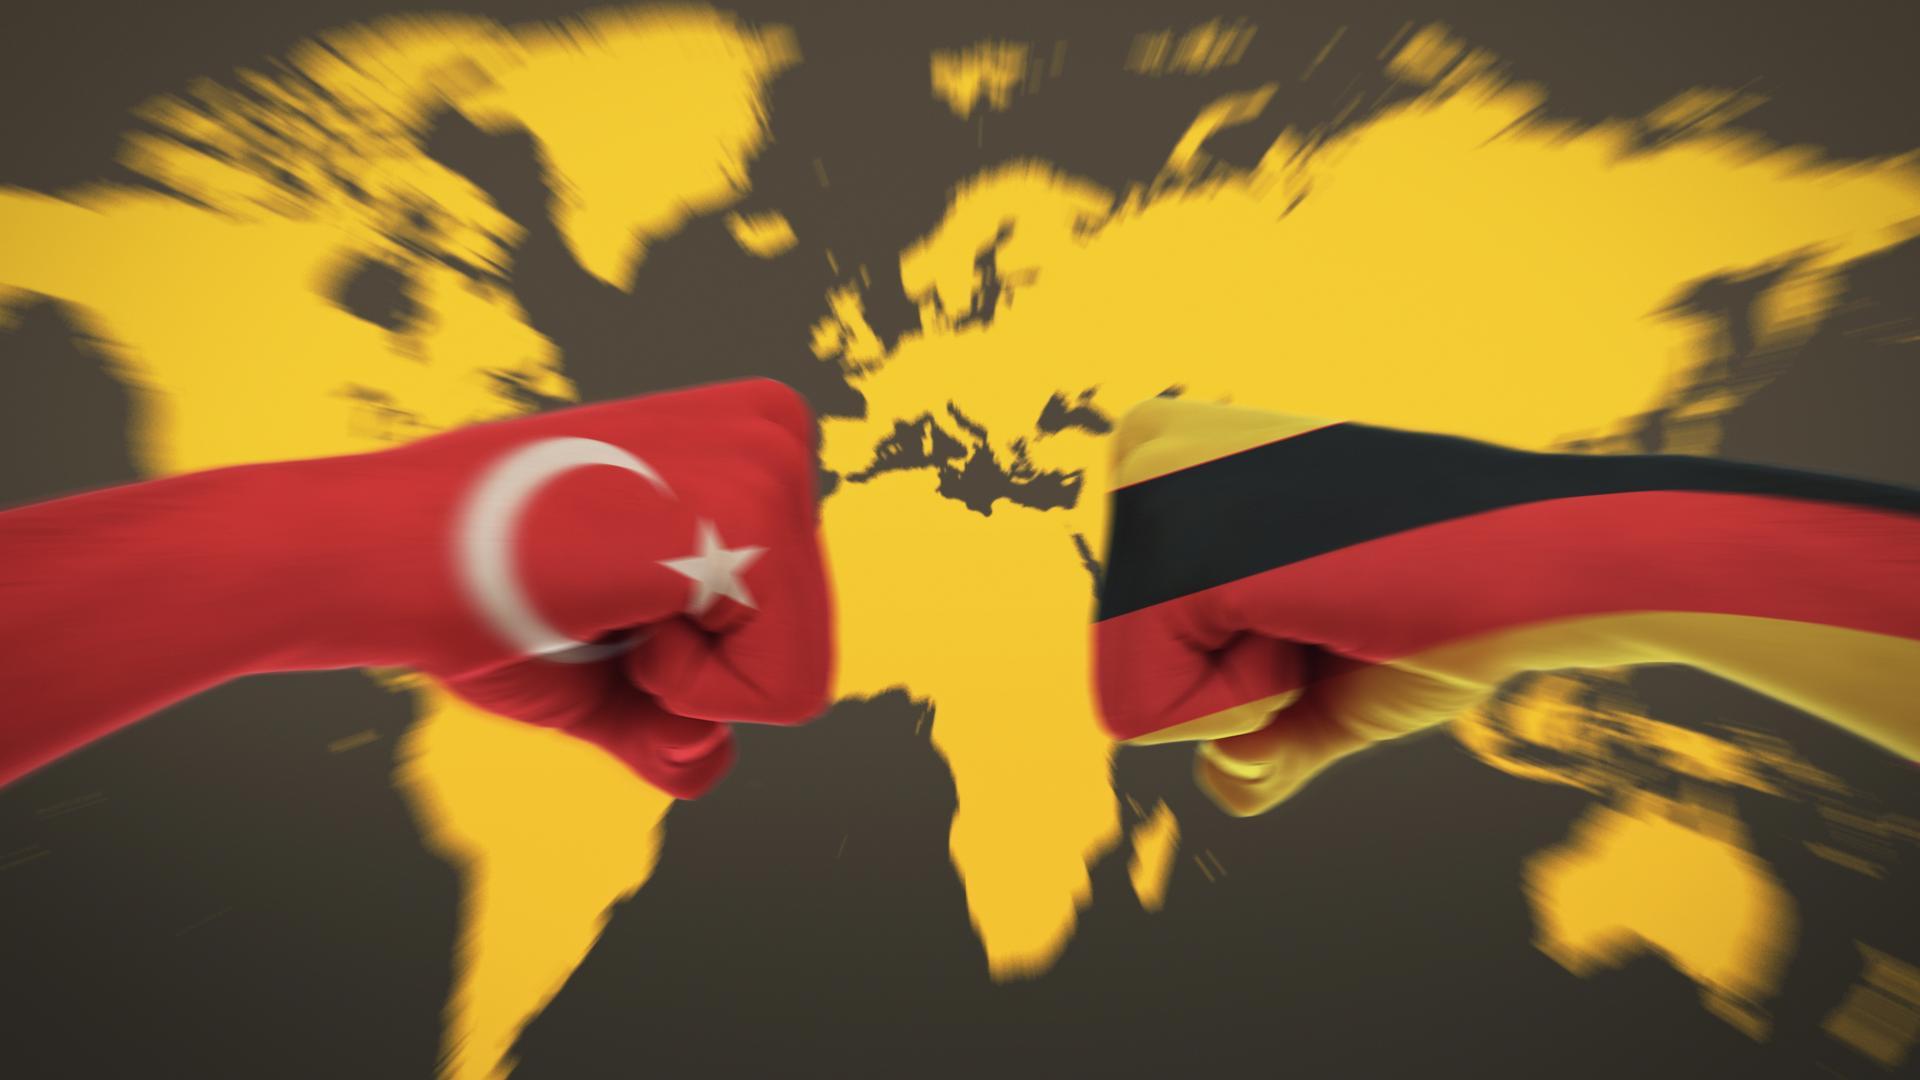 Der Tagesspiegel: Скандал с журналисти заплашва с нова криза между Берлин и Анкара